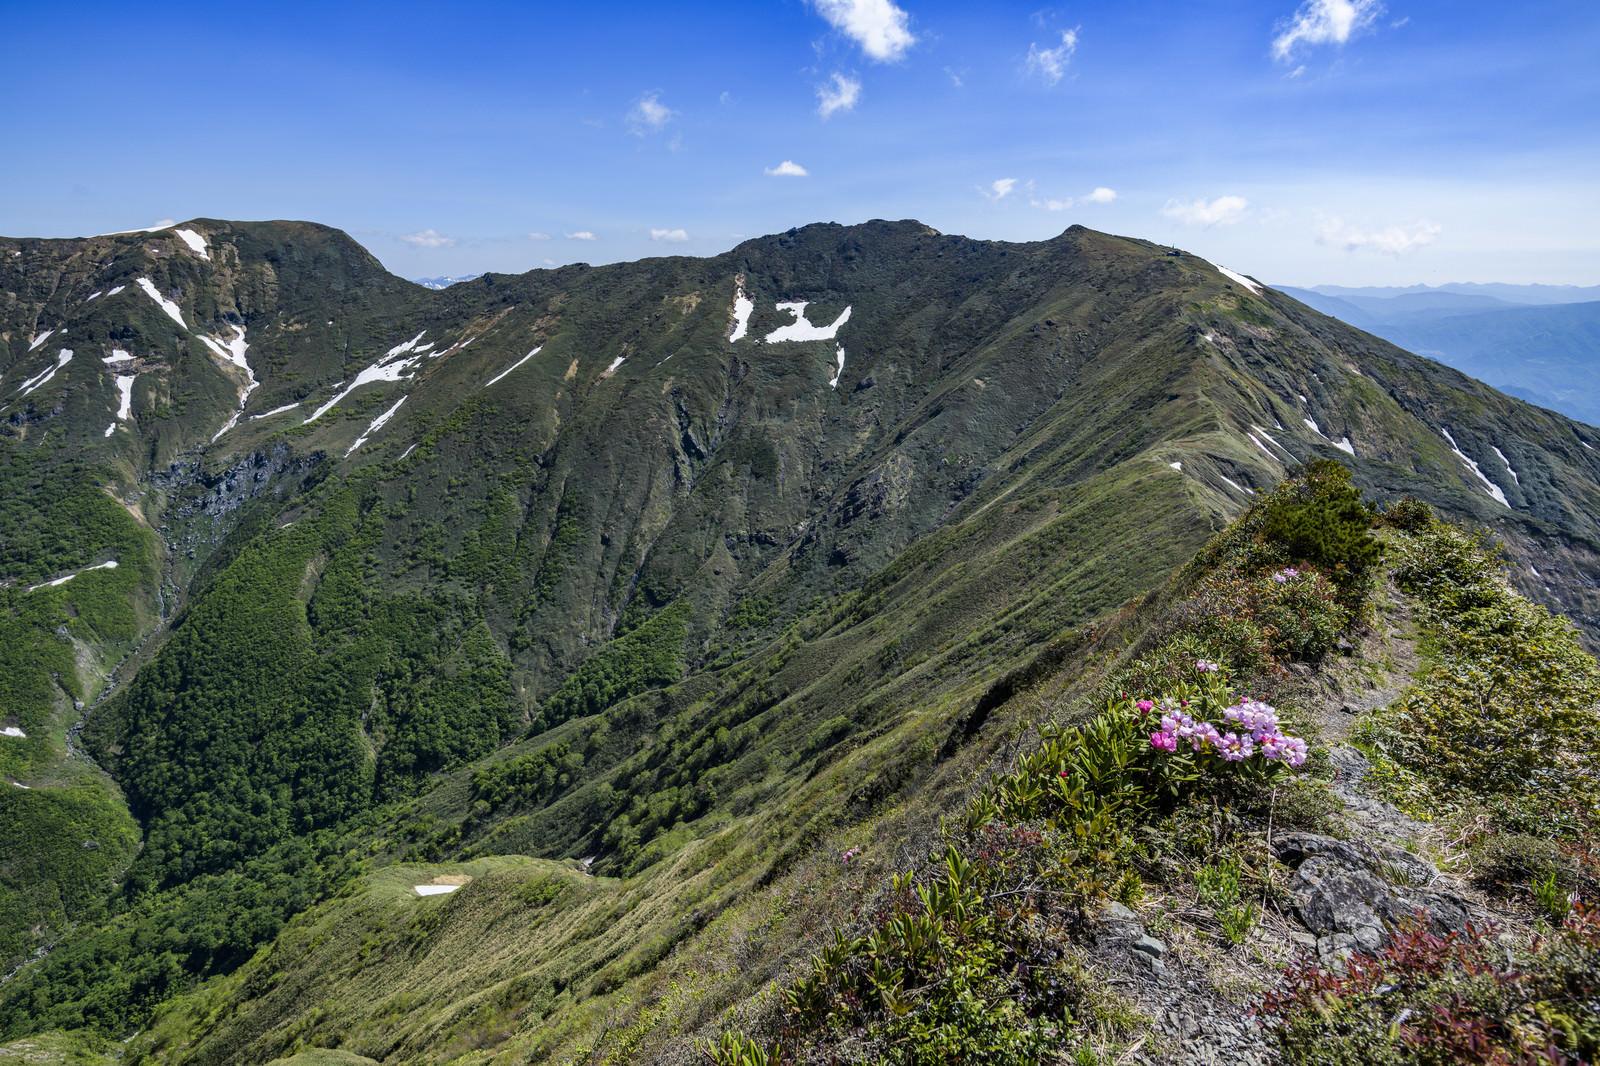 「シャクナゲが咲く登山道と稜線(谷川岳)」の写真